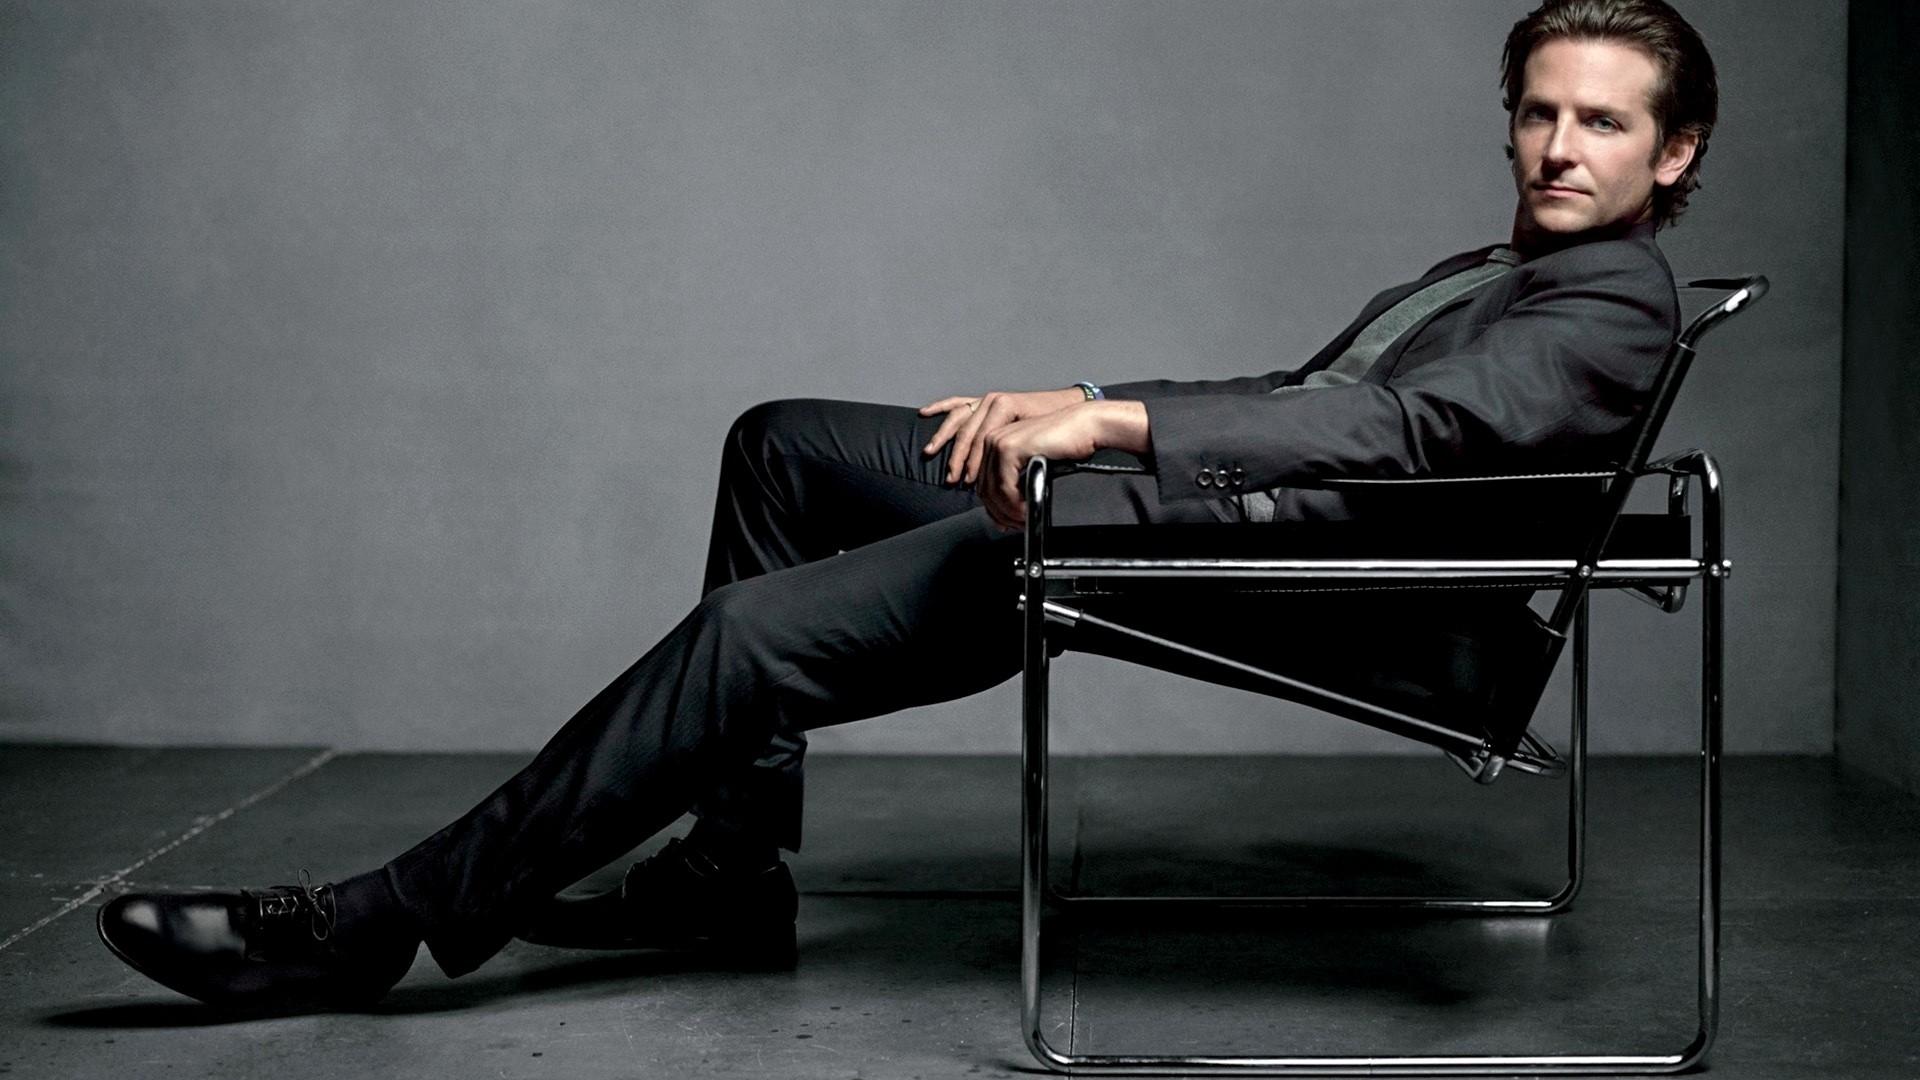 Bradley Cooper Dark Suit Desktop Wallpaper 1920x1080